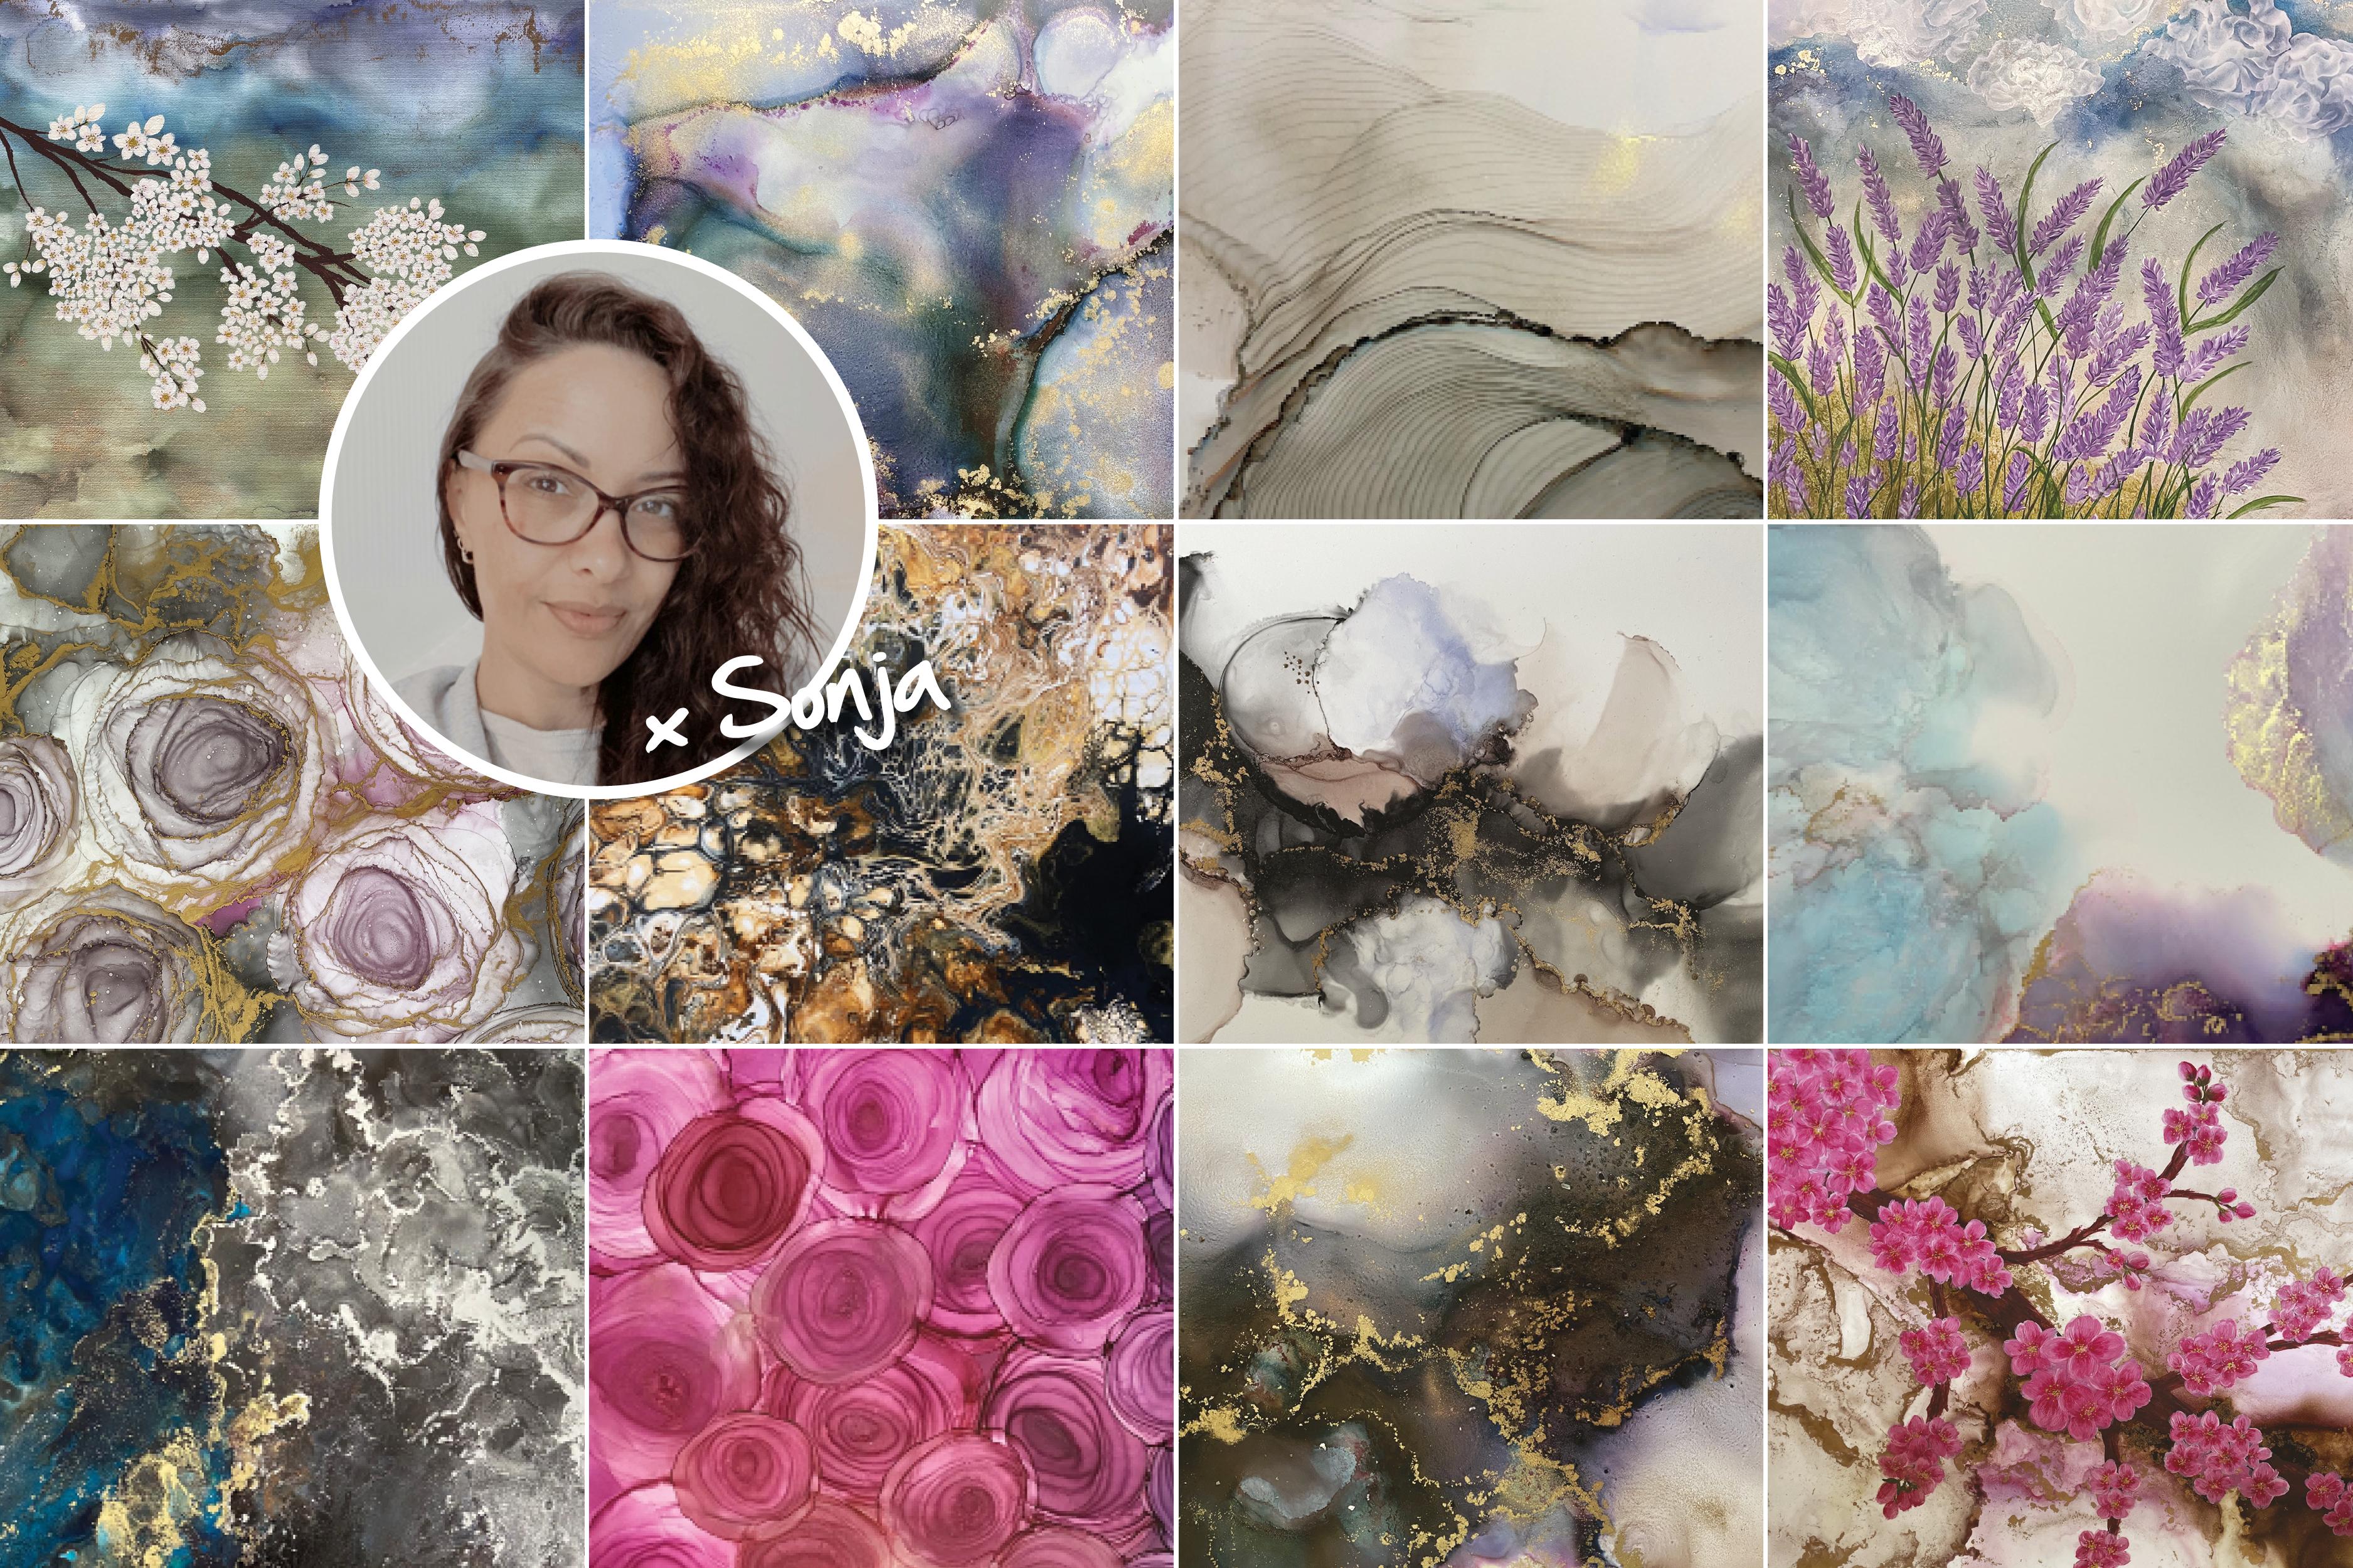 Collectie 21 Sonja Silva